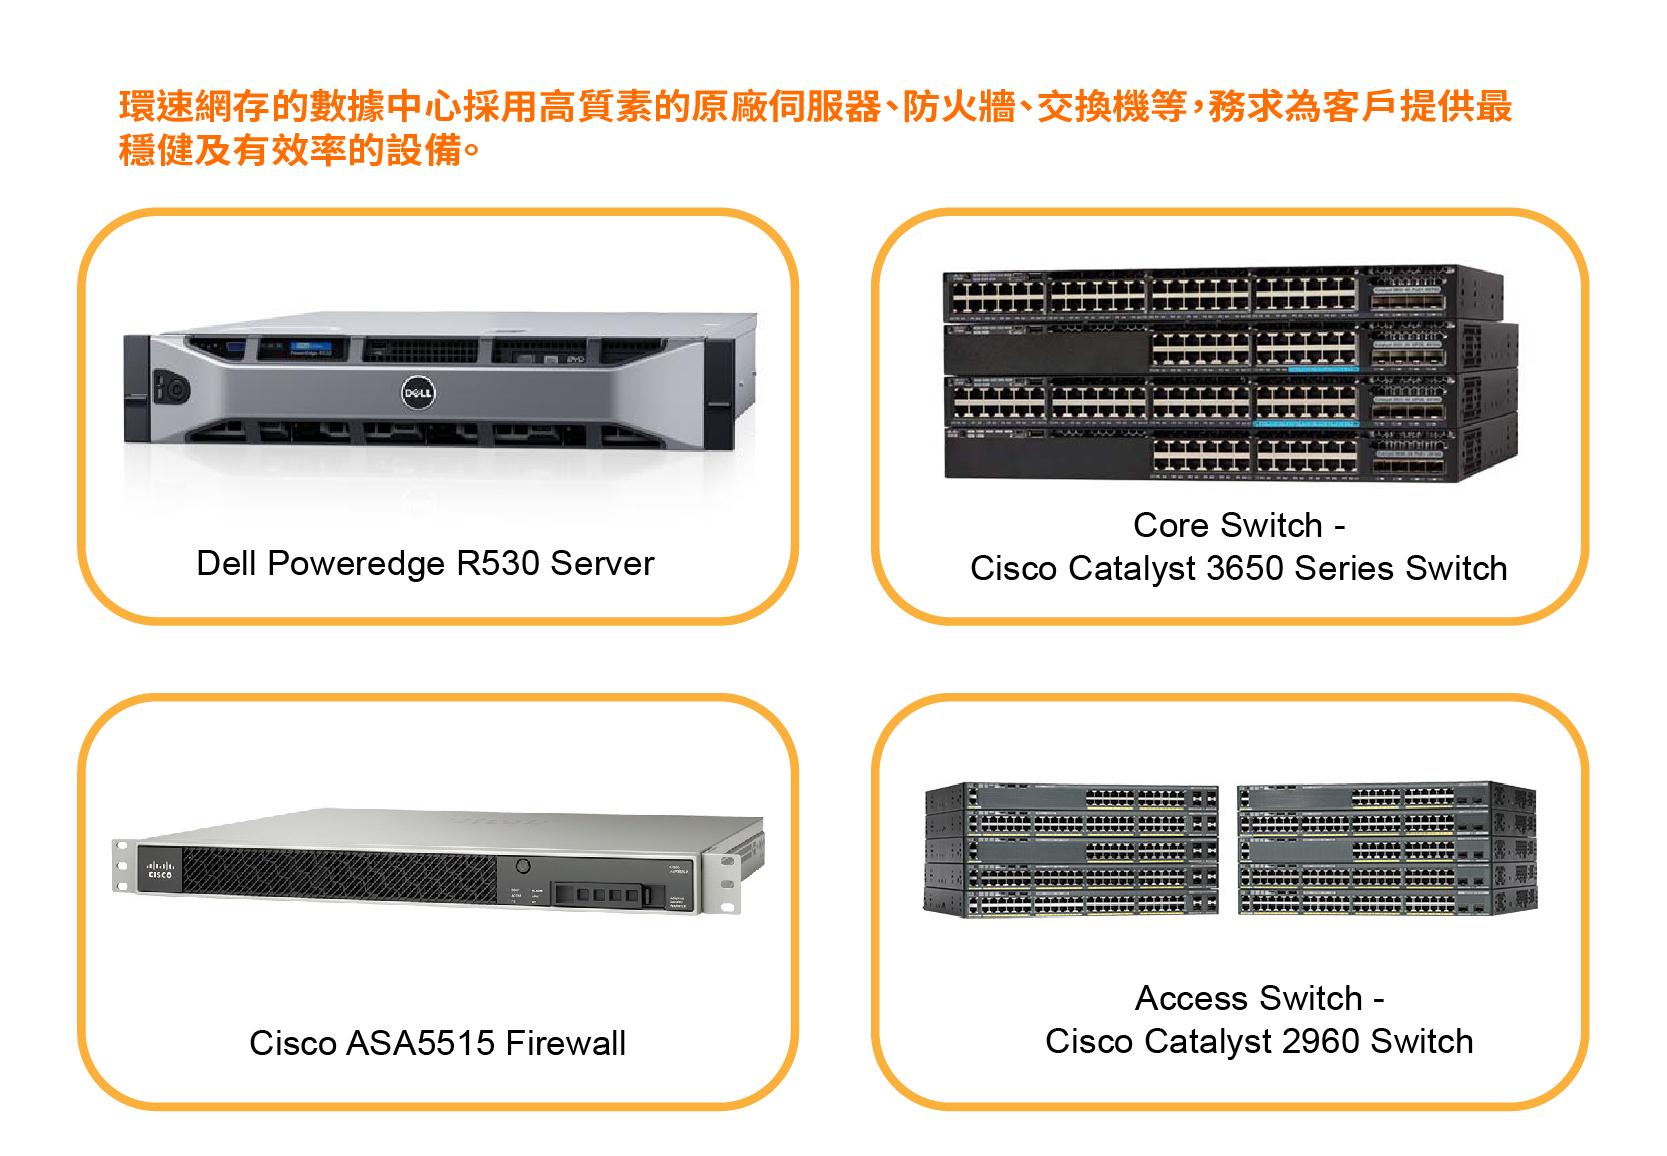 環速網存的數據中心採用高質素的原廠伺服器、防火牆、交換機等,務求為客戶提供最穩健及有效率的設備,絕不為遷就成本,而採用價格低廉、質素缺乏保證的設備。